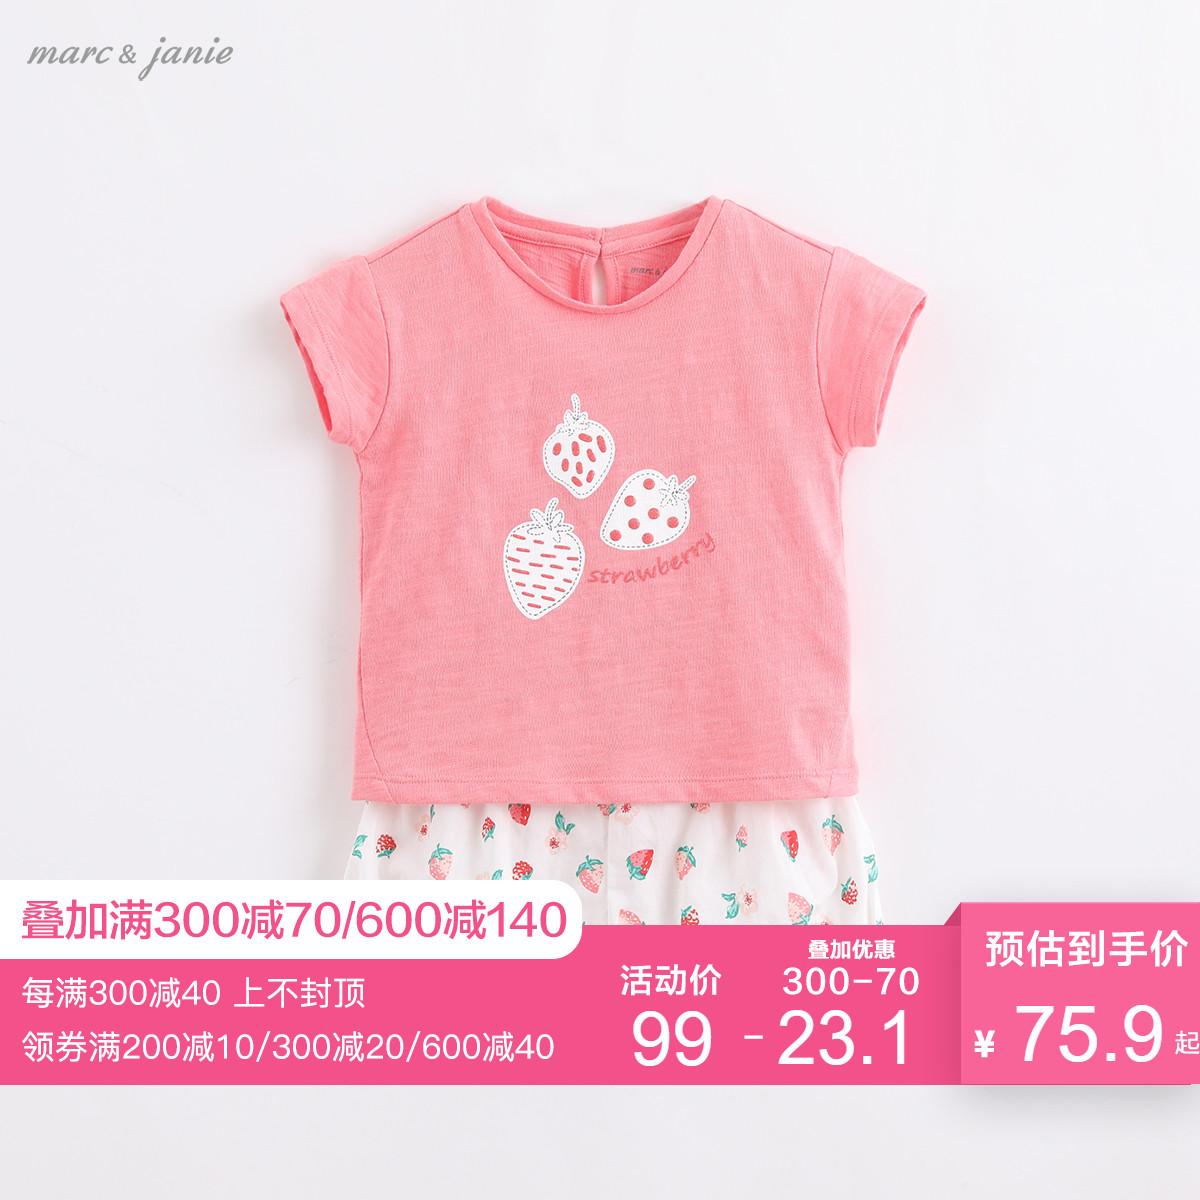 马克珍妮夏装 女童草莓印花纯棉t恤短裤套装 宝宝夏季套装17909